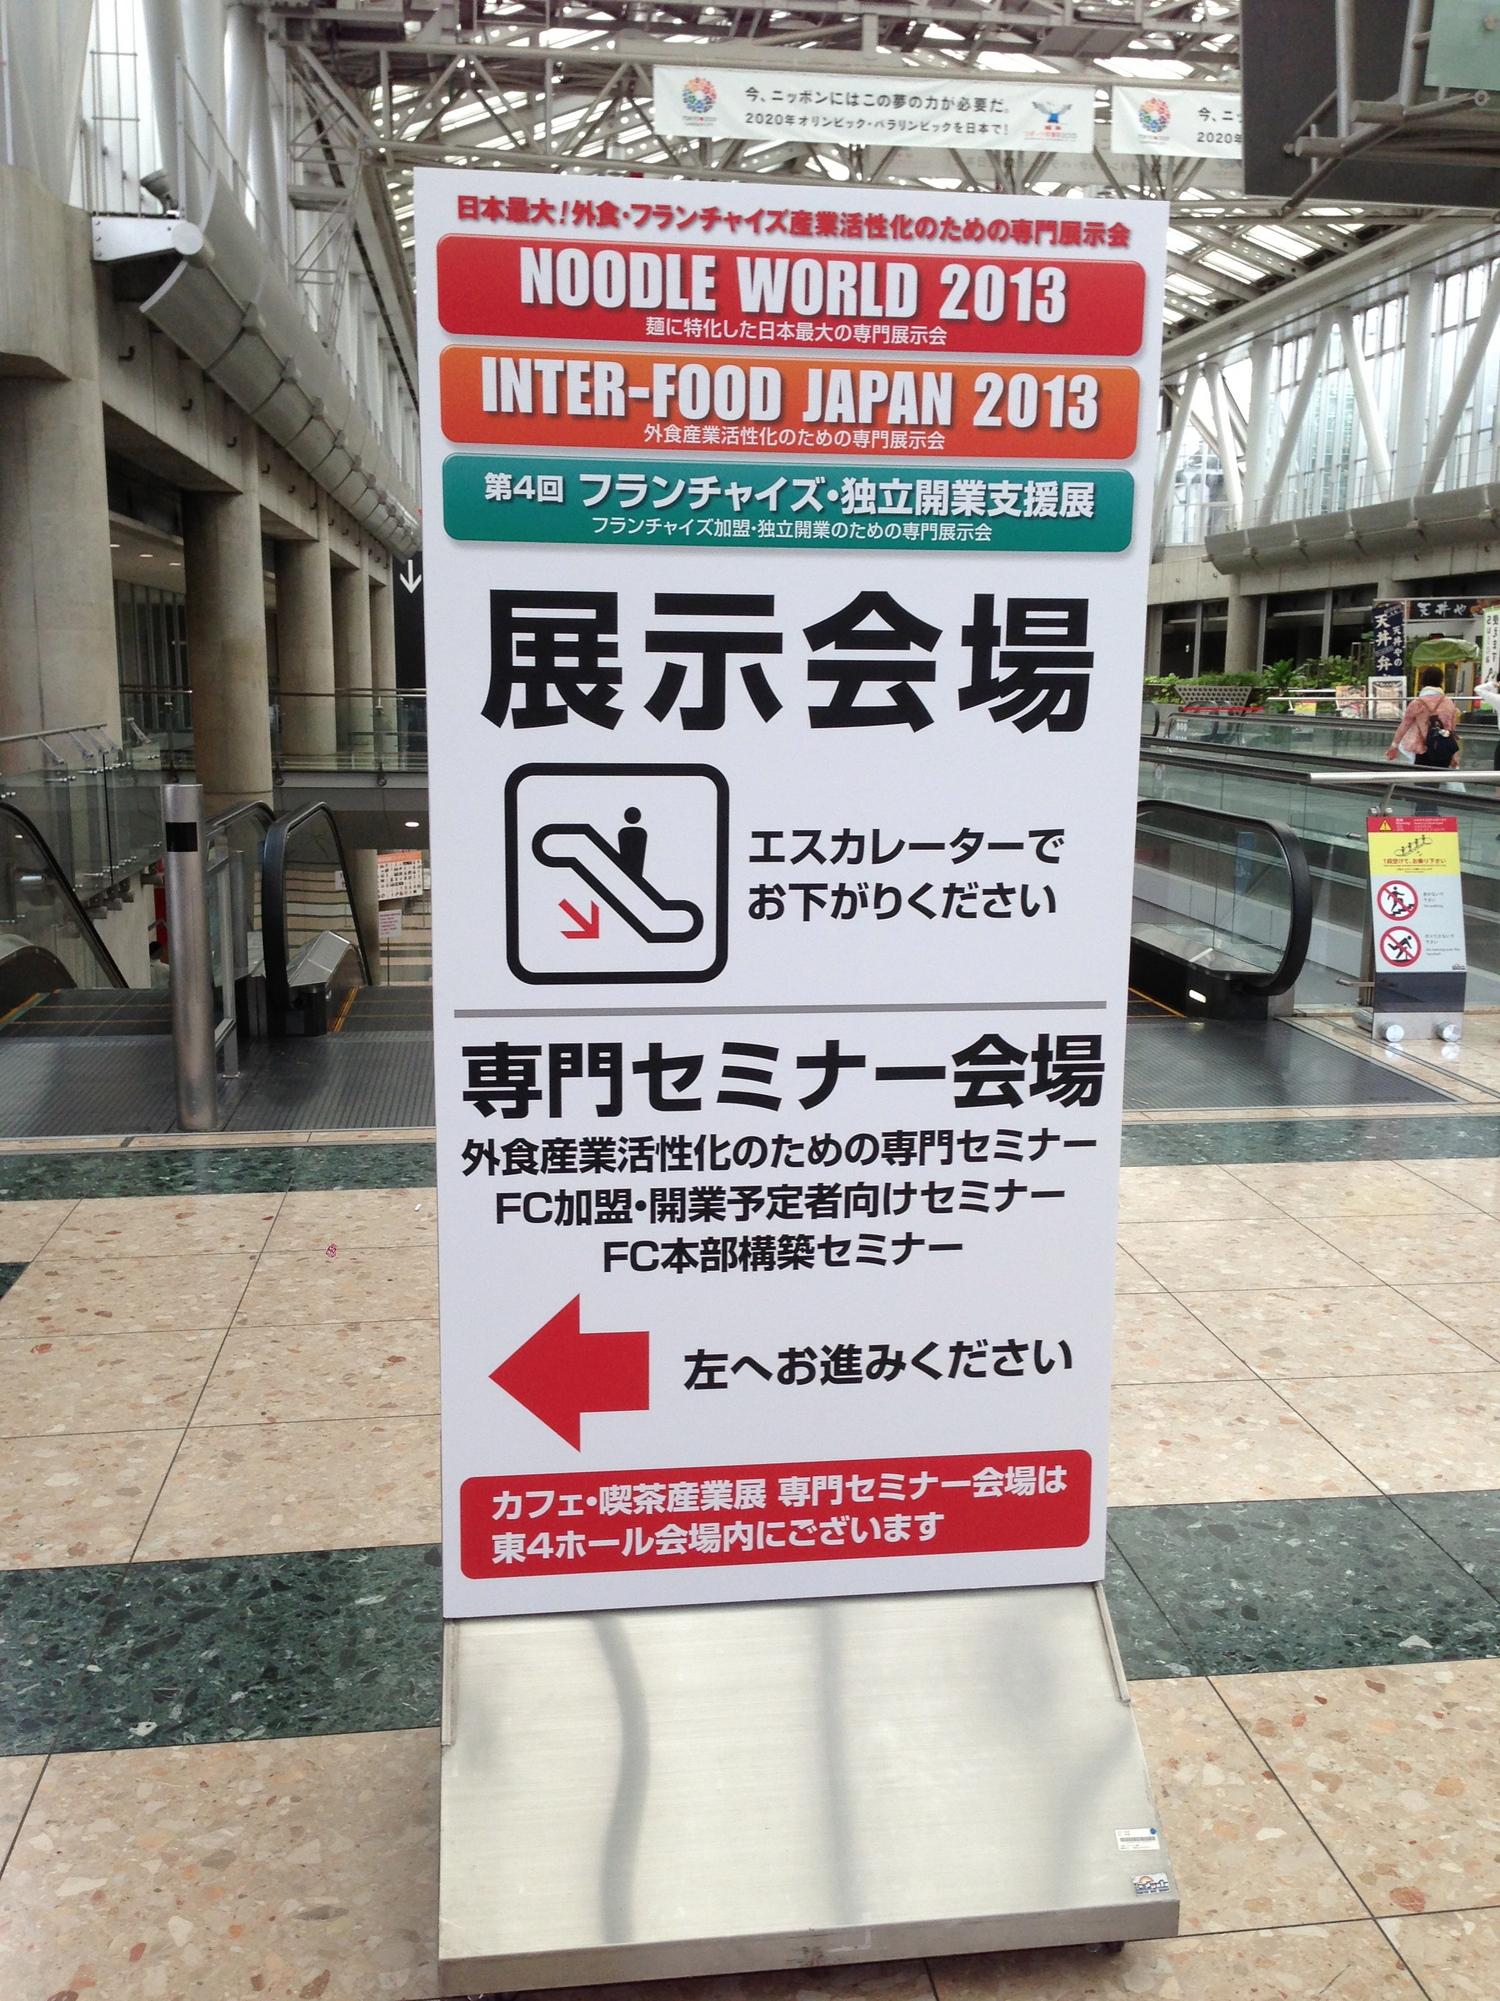 フランチャイズ・独立開業支援展【2日目】